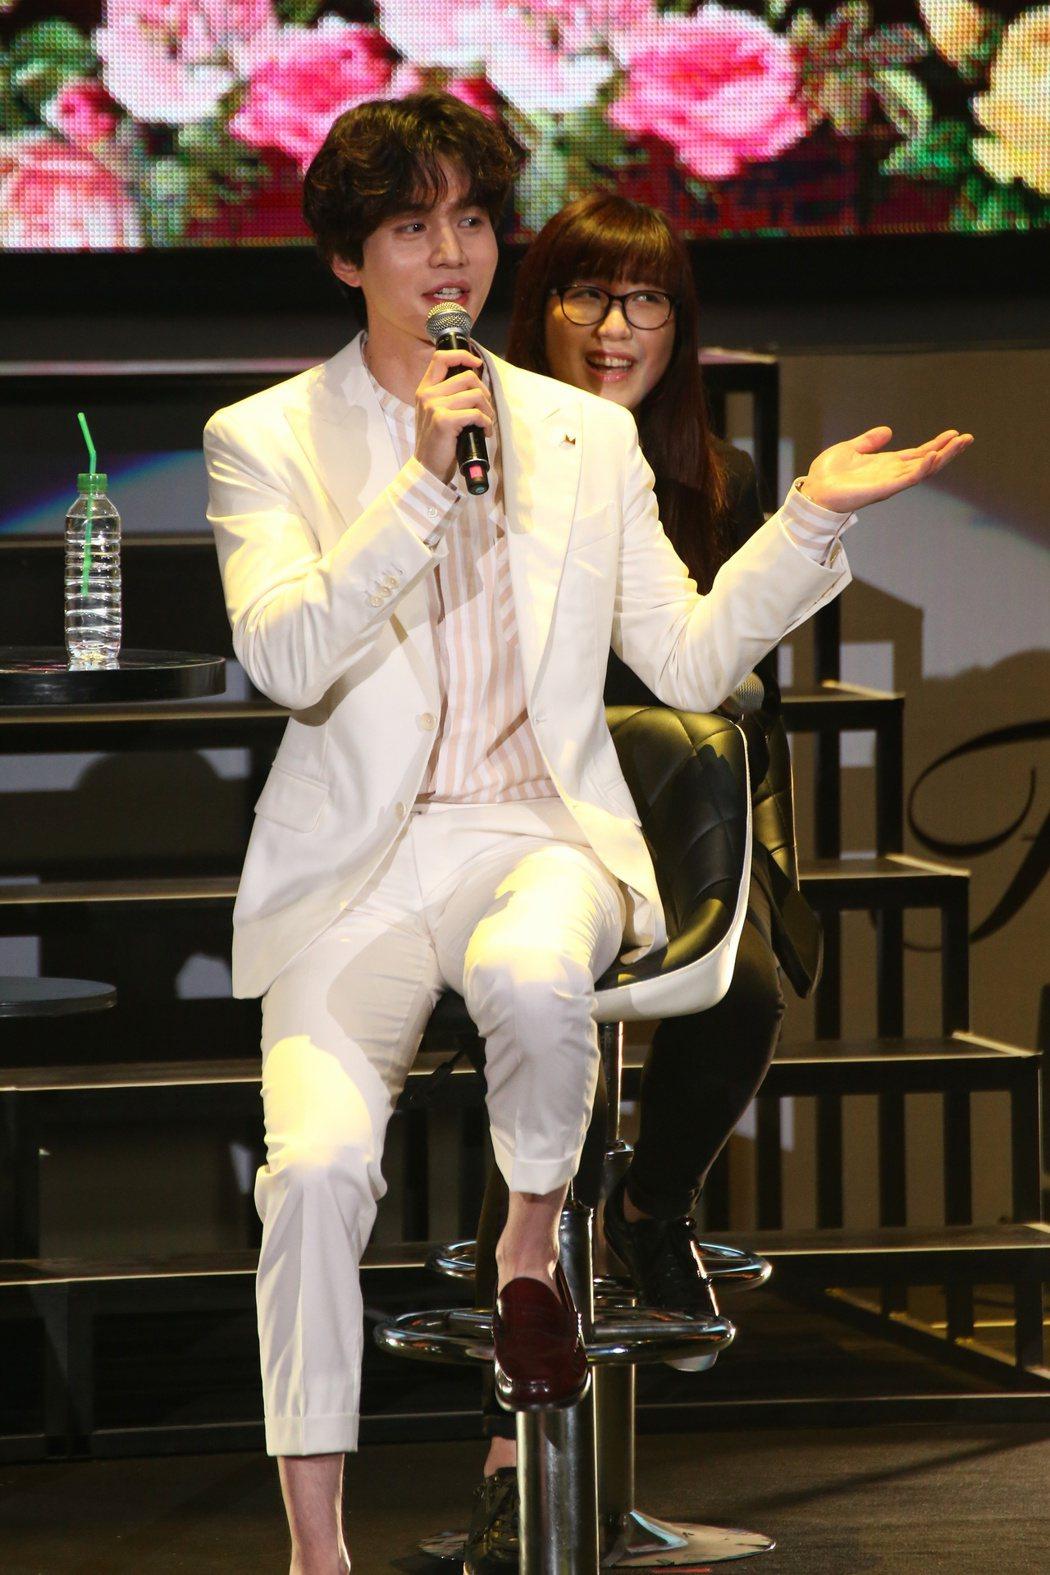 李棟旭於台北國際會議中心舉辦亞洲巡迴粉絲見面會。記者陳立凱/攝影